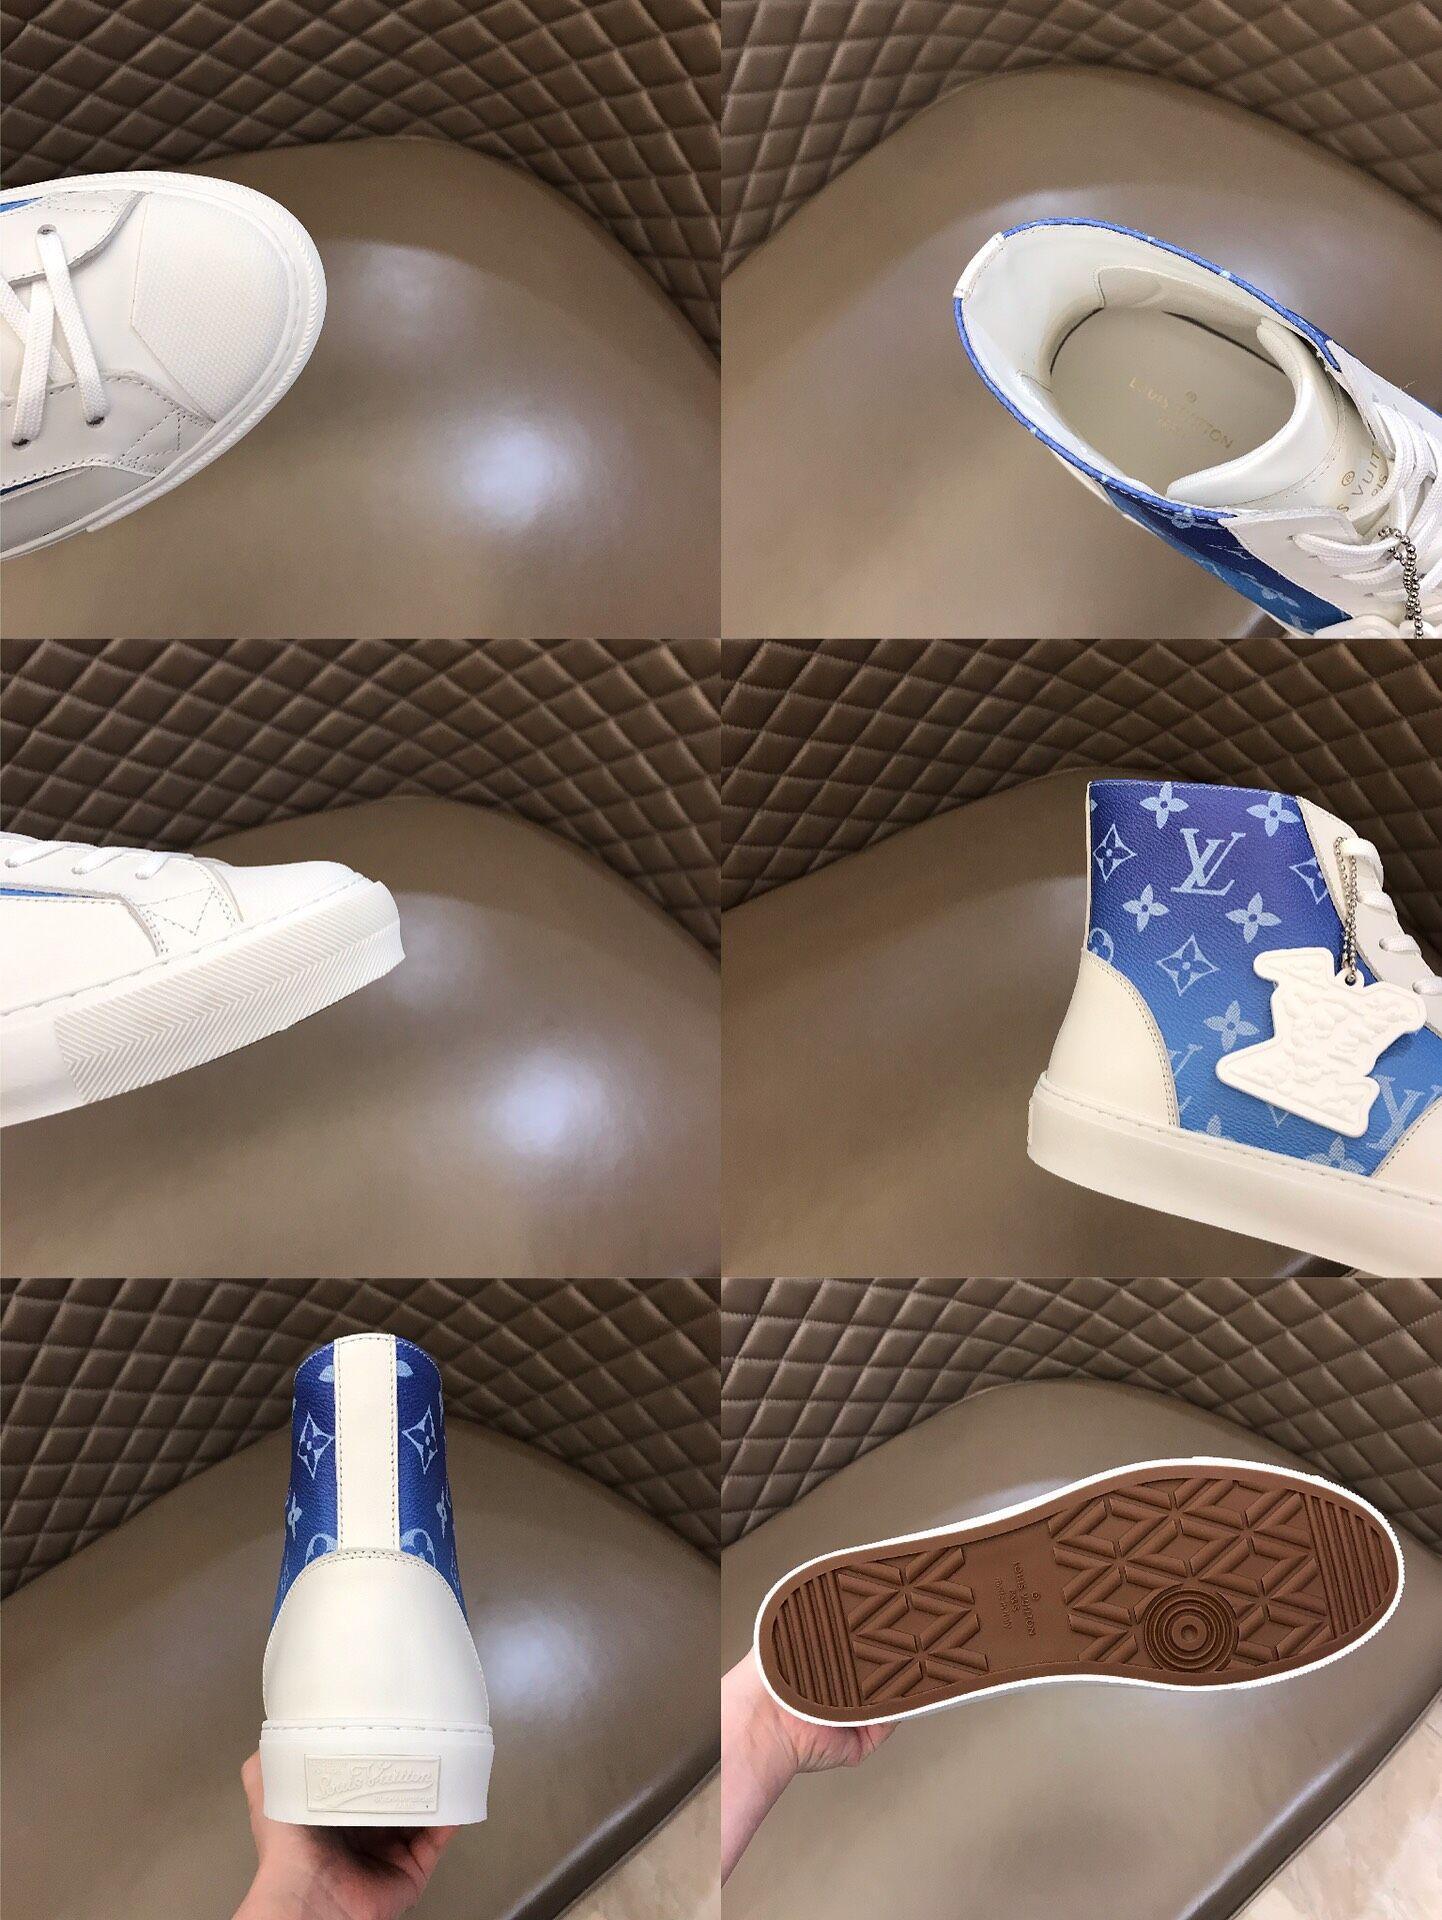 tattoo sneaker boot 1A8AH5    boot  8